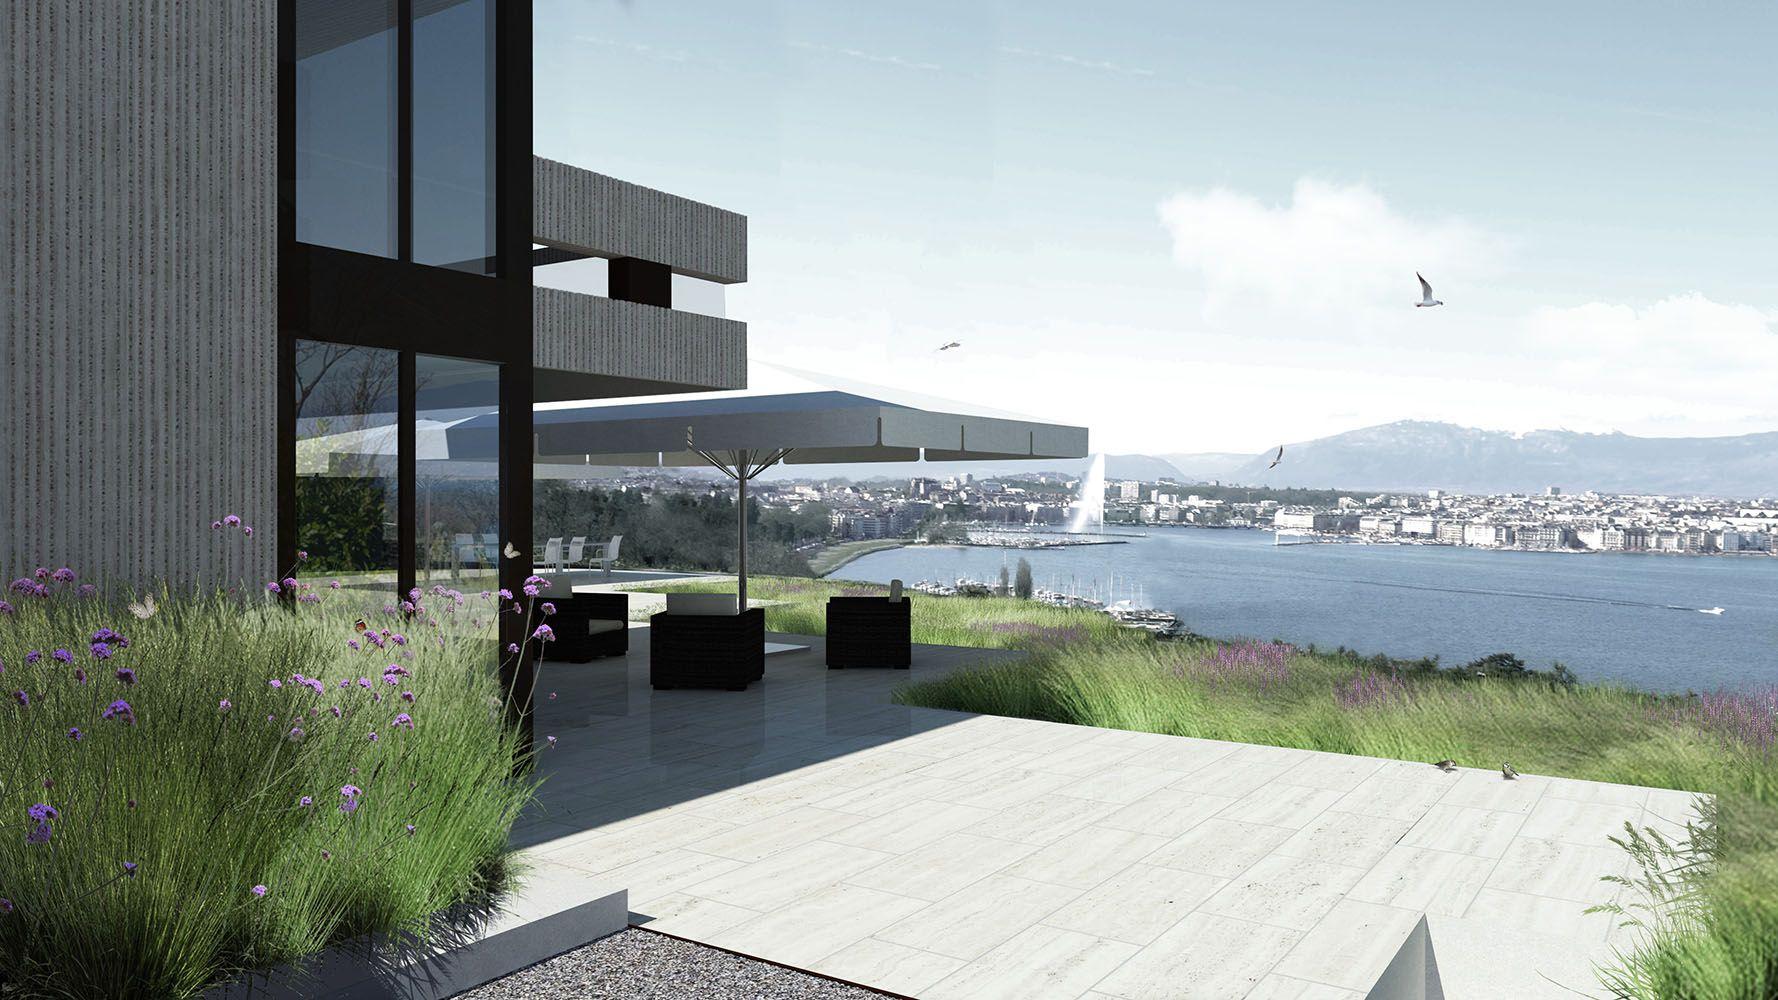 Projet de jardin privé par le bureau vimade architectes